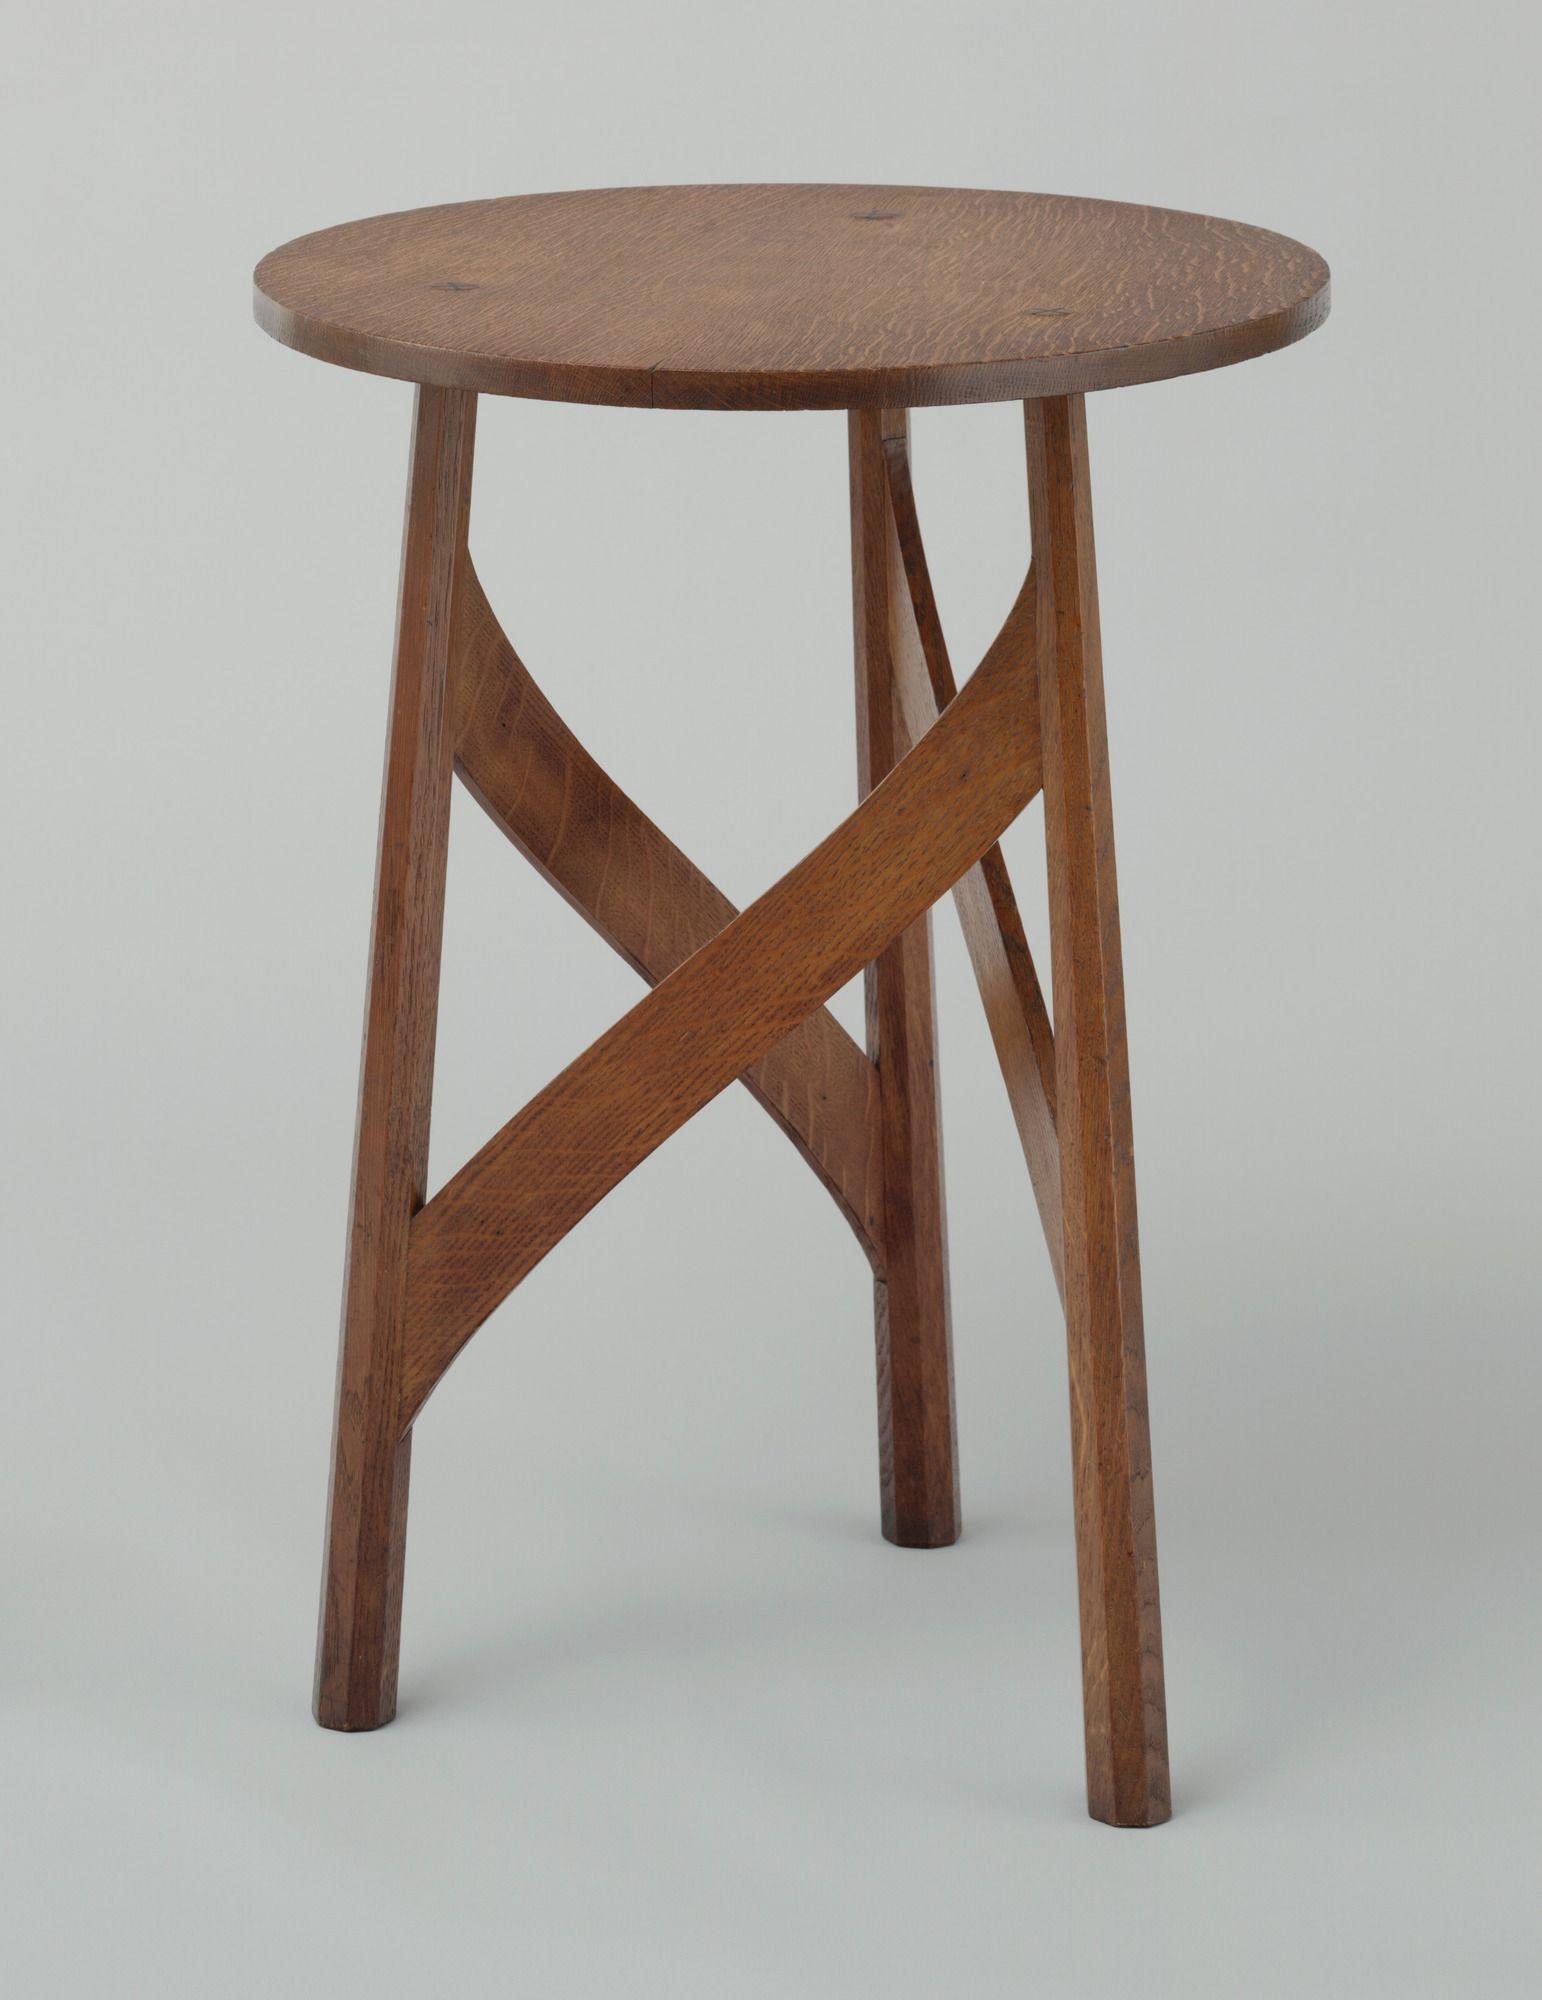 Mackay Hugh Baillie Scott Side Table C 1901 England With